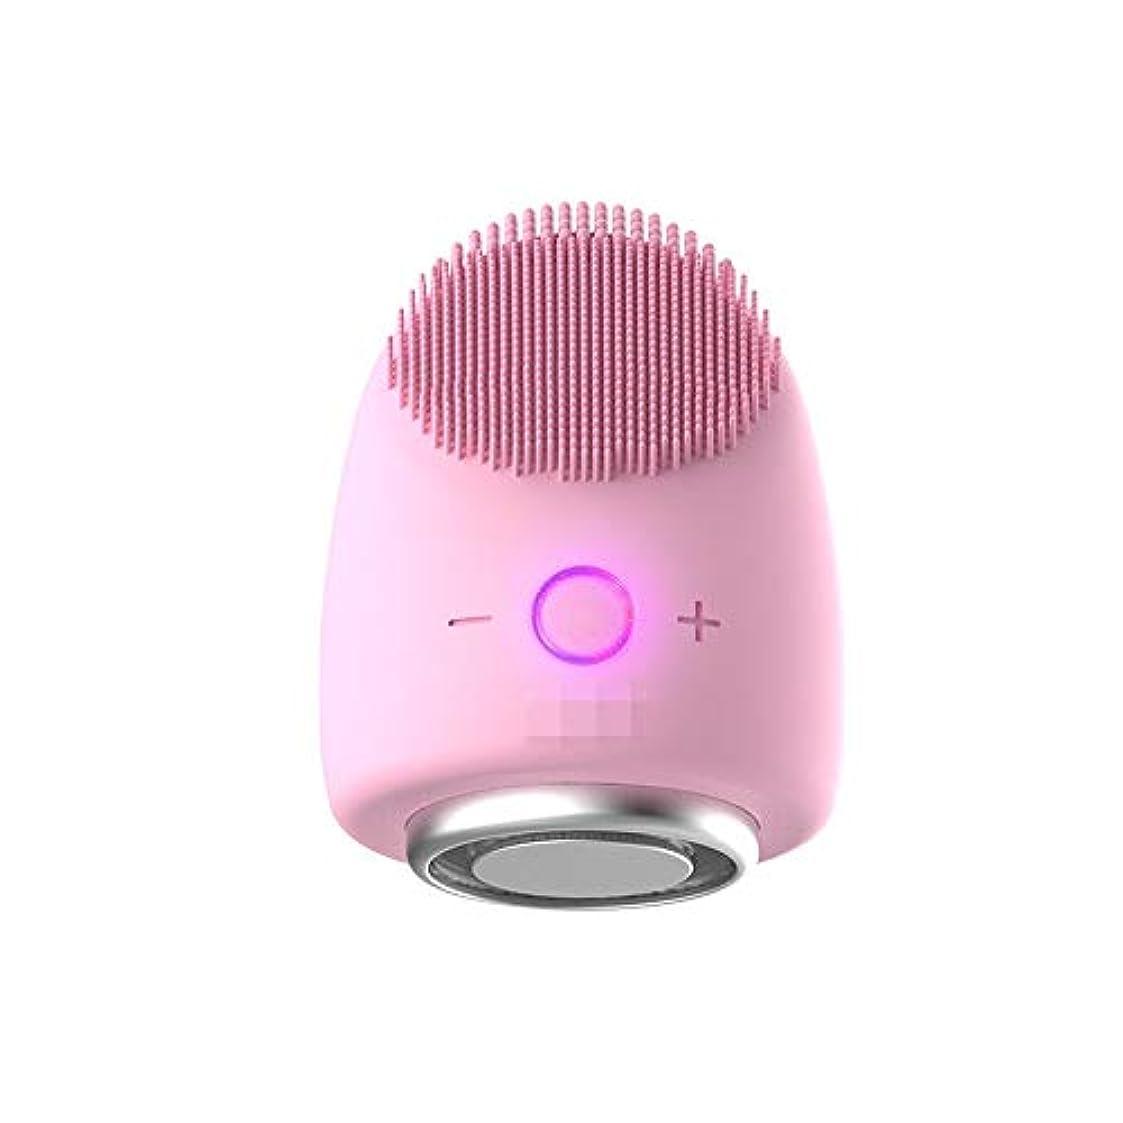 物理洗練害虫Donghechengkang 多機能美容器具洗浄器具導入器具凝縮ホットドレッシング肌活性化器具 (Color : ピンク)